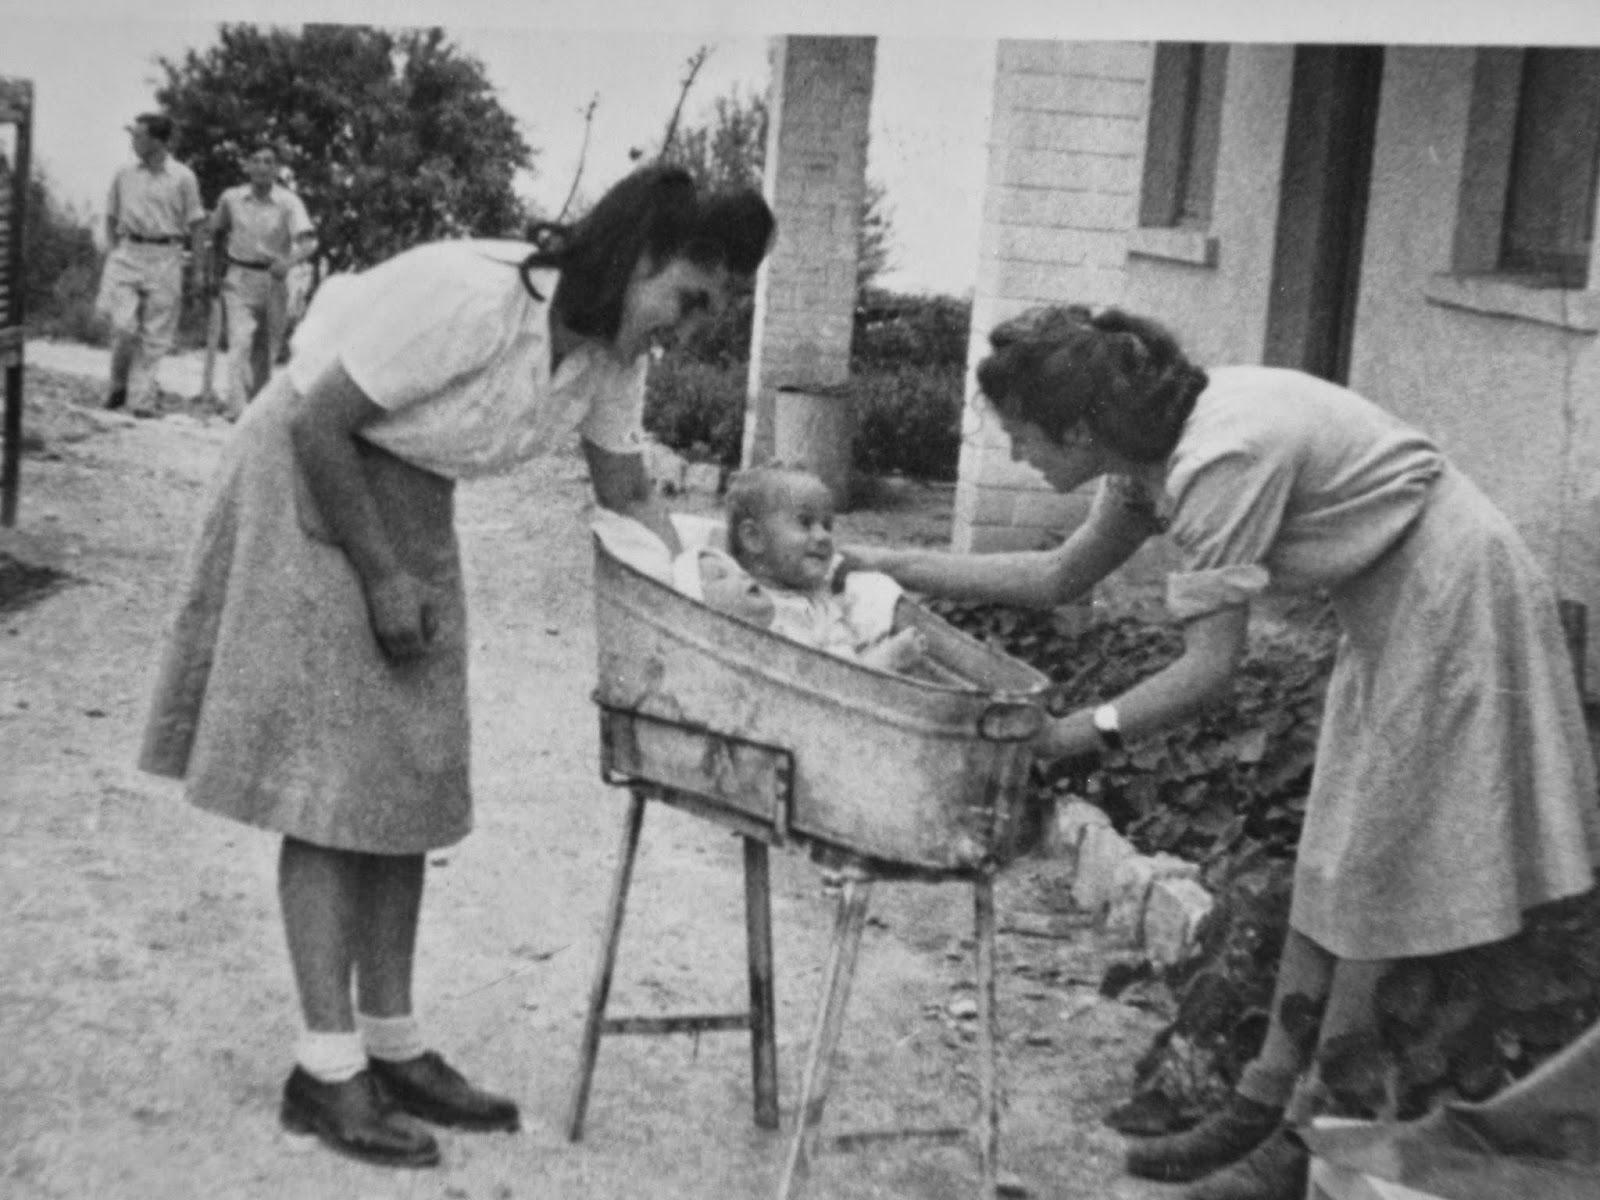 על רקע בית הילדים חניתה שנות ה- 40